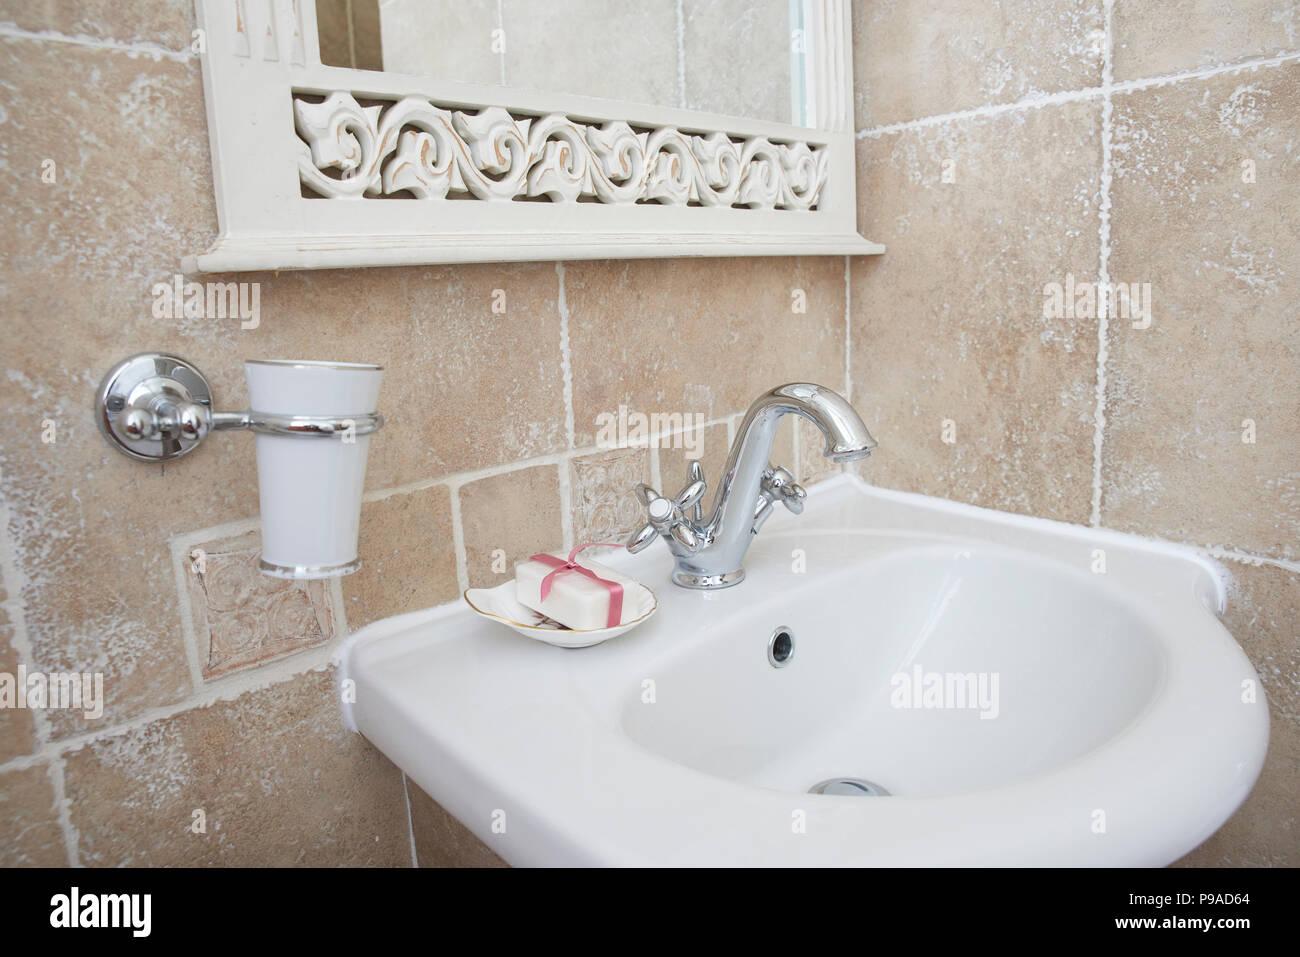 Waschbecken Armatur Badezimmer.Schuss Der Badezimmer Mit Waschbecken Waschtisch Armatur Chrom